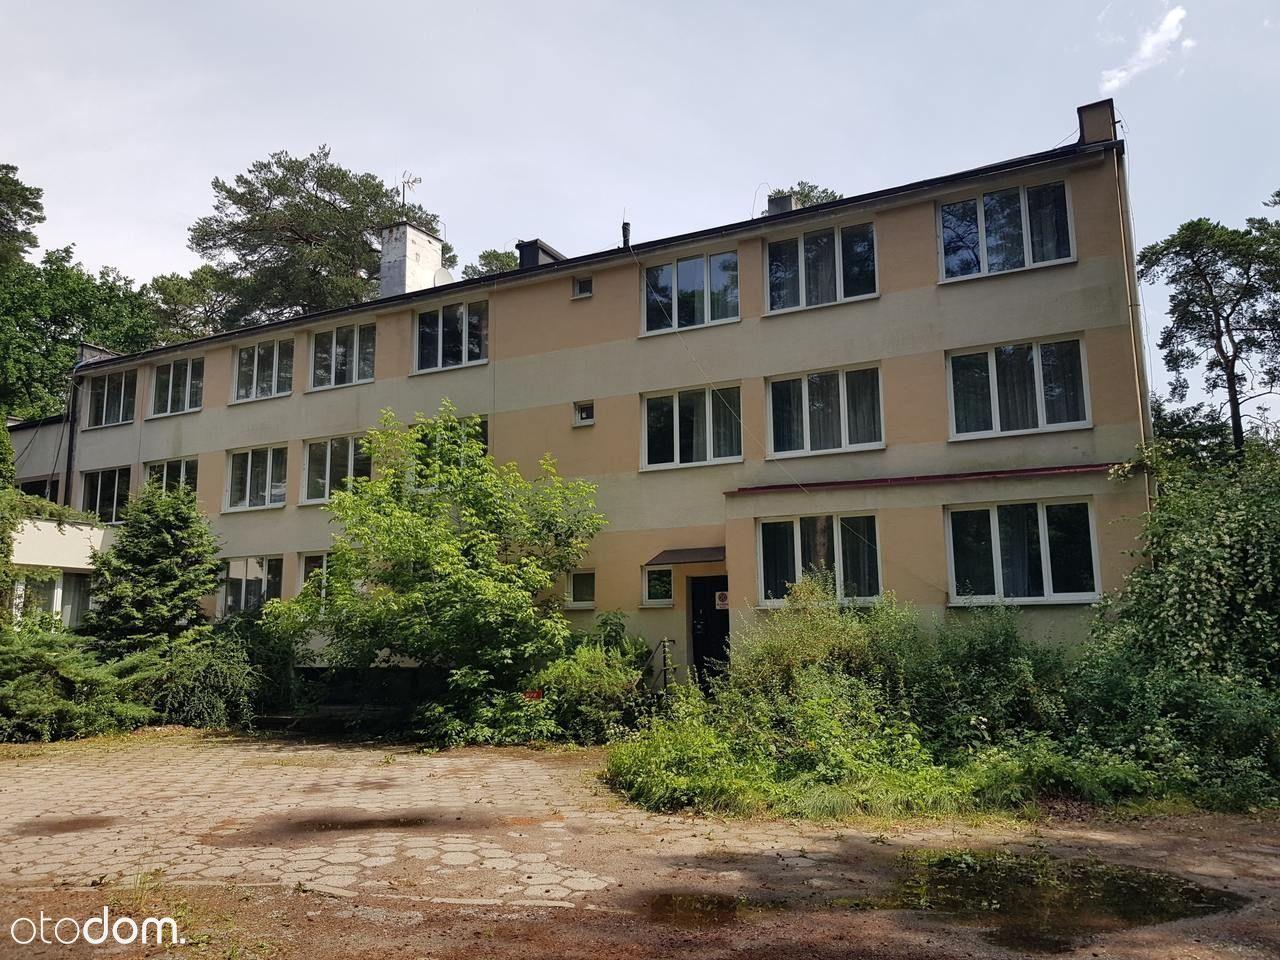 Hotel,hostel, pokoje pracownicze,IBL, Leśna Polana